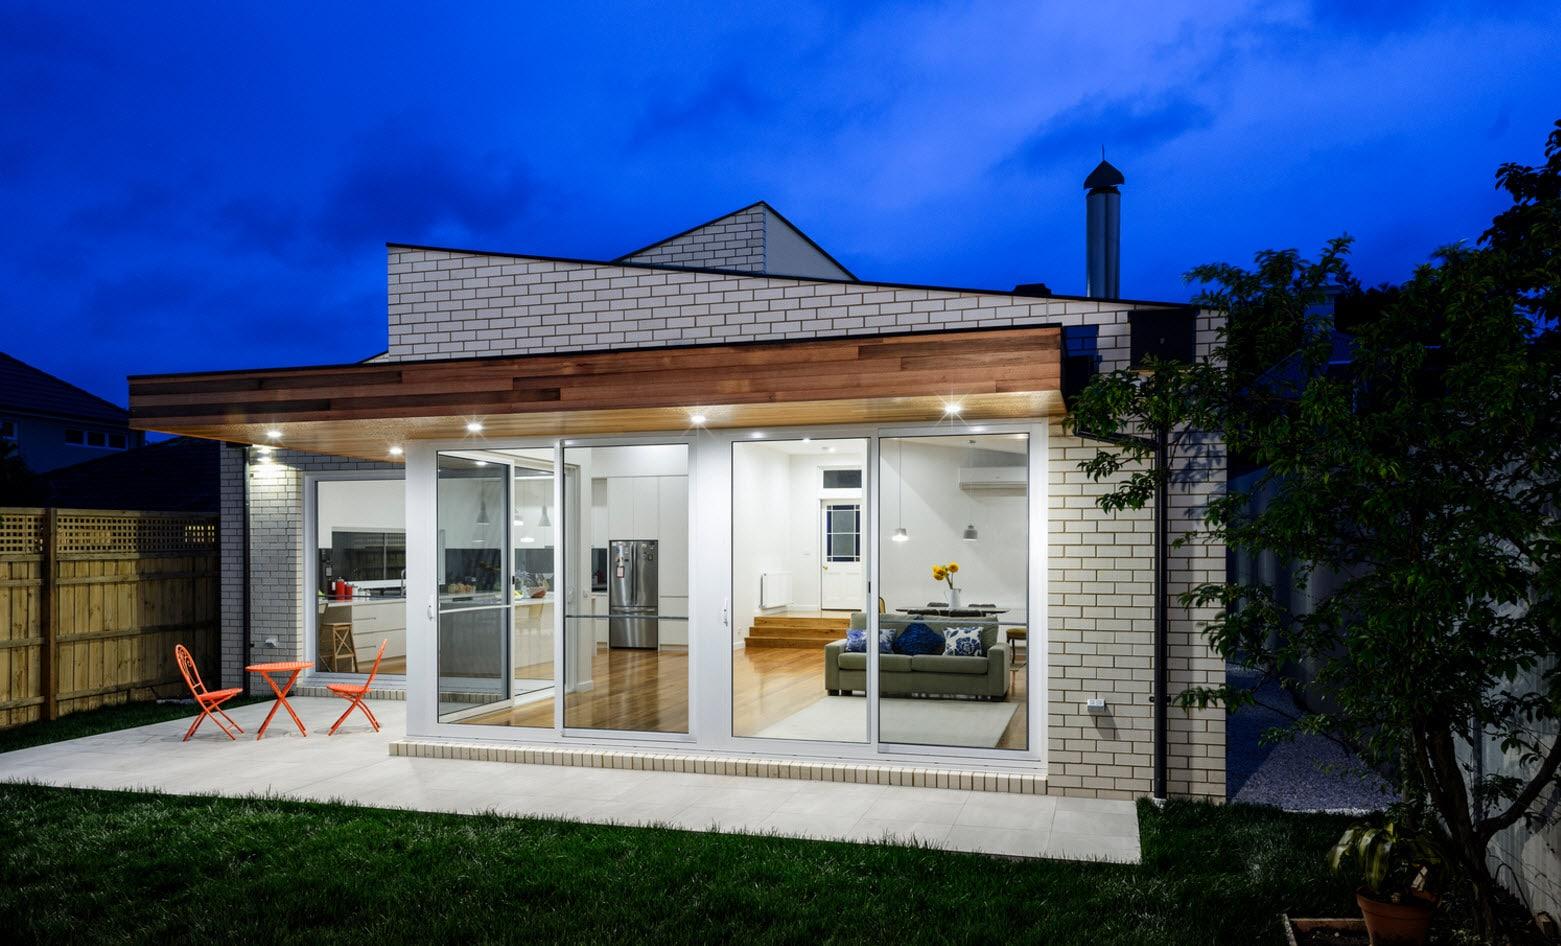 dise o de casa moderna de un piso planos y fachadas